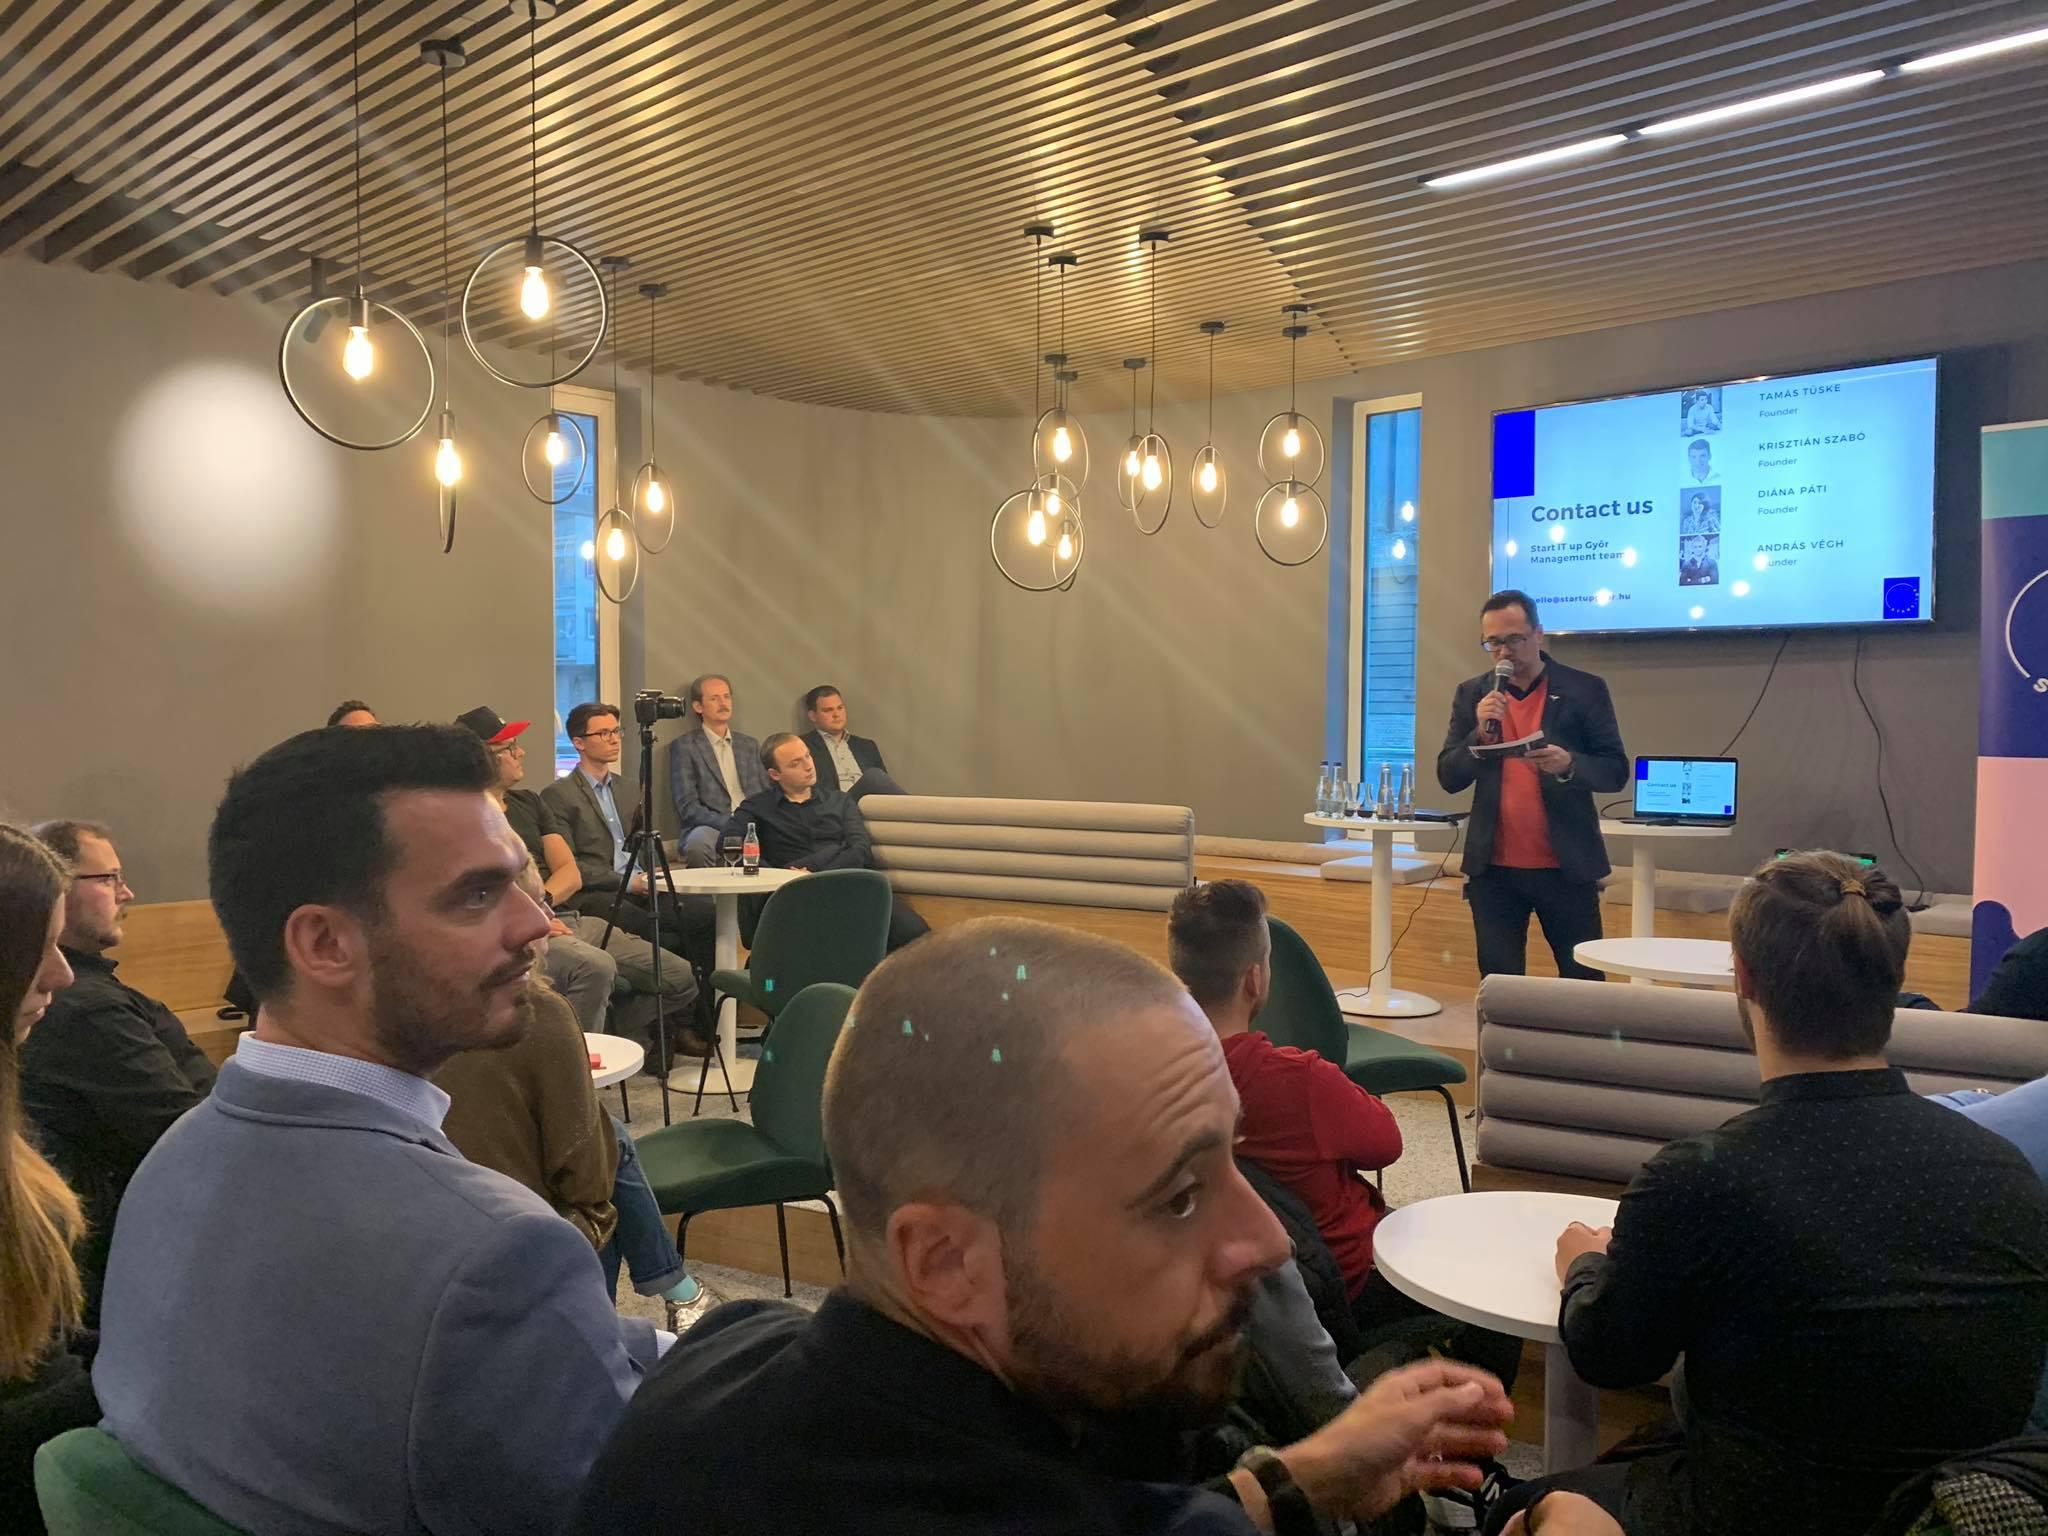 KKV Kedd: Friss ötletek céged fejlesztéséhez a Start-Up világból